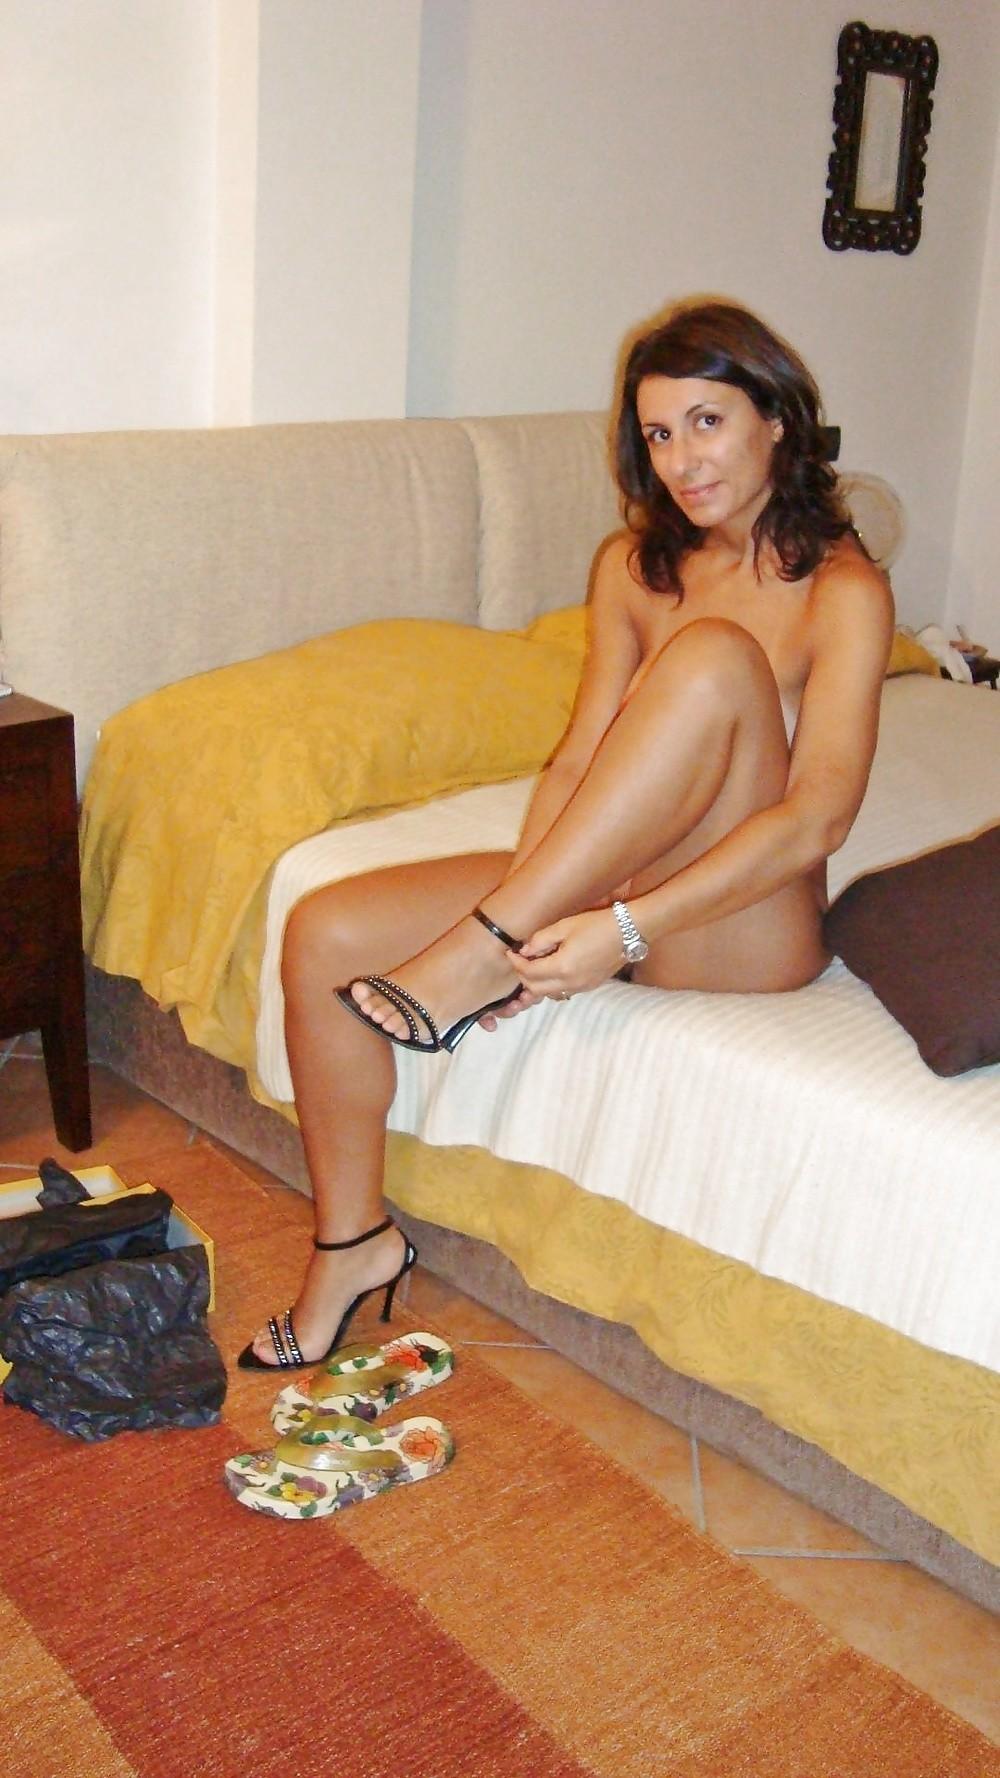 Ню фото милой итальянской особы женского пола